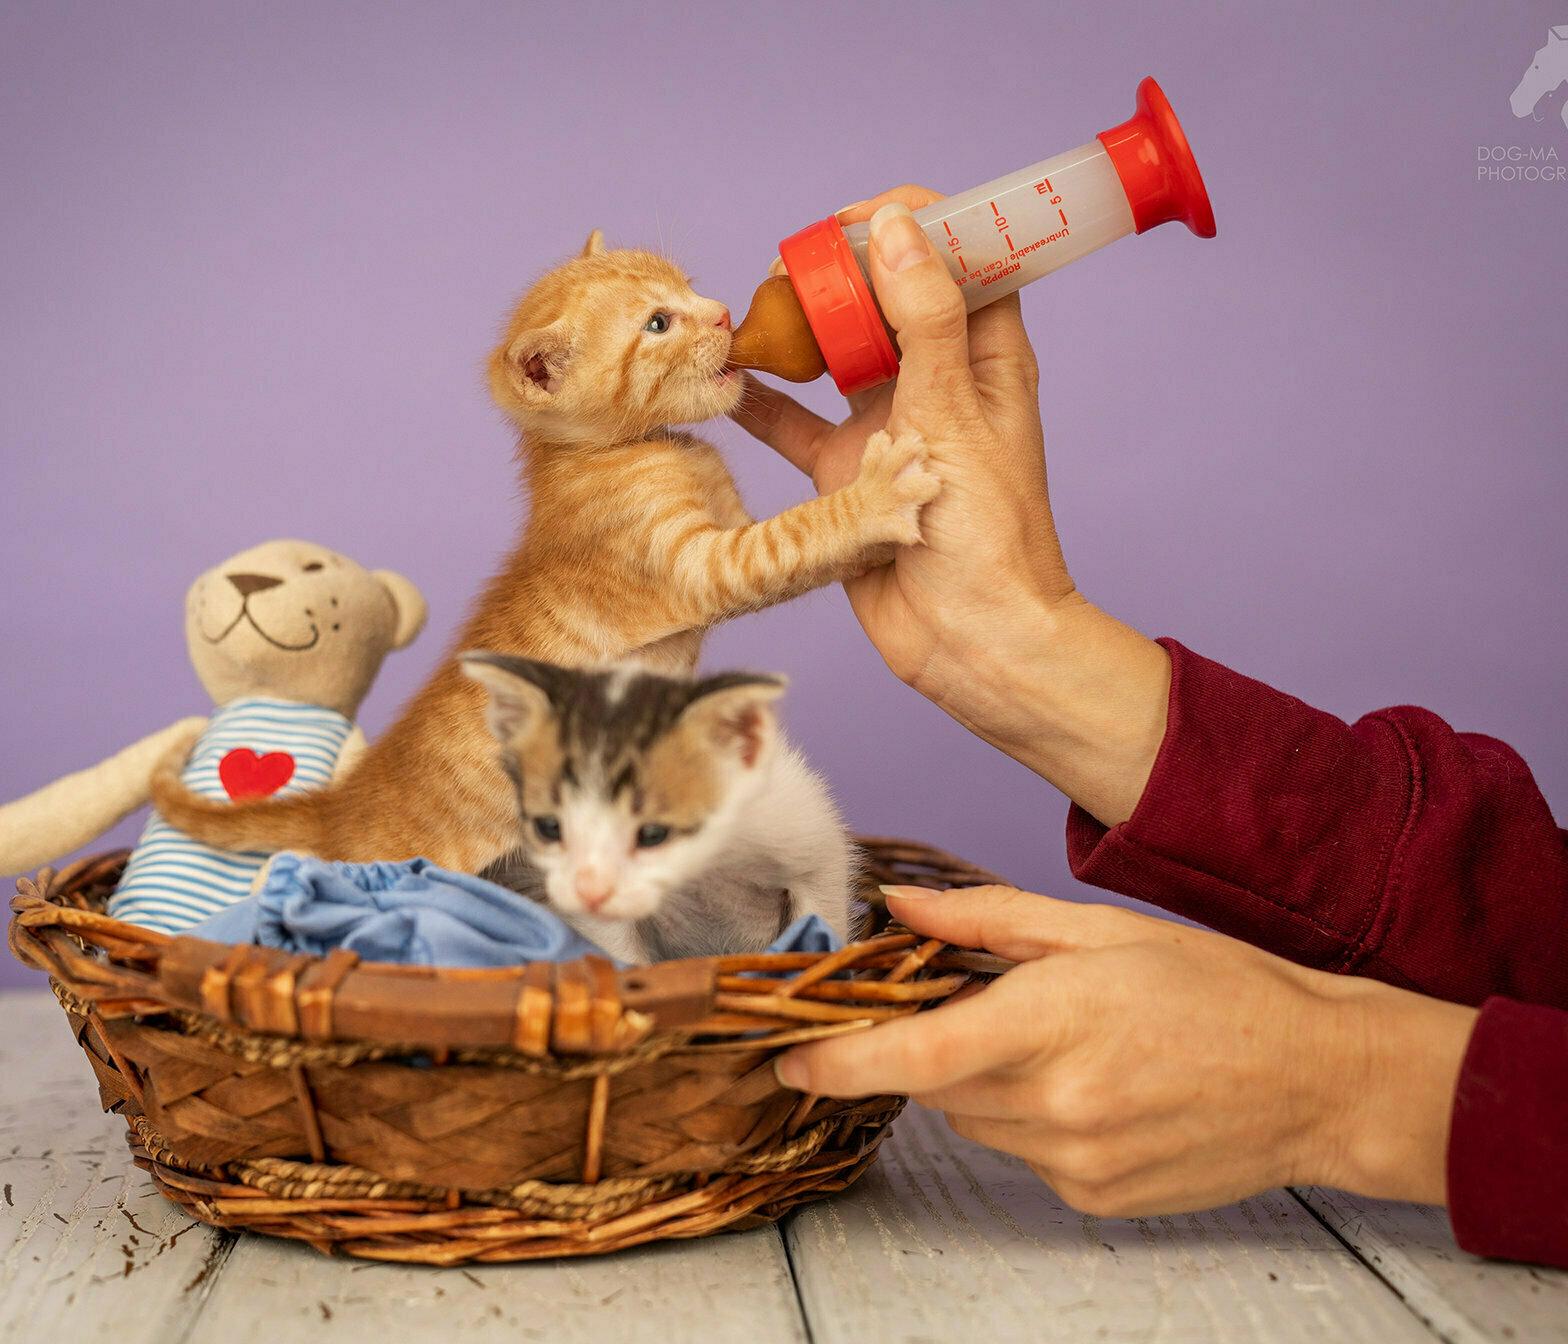 המלצות וטרינר לטיפול בחתלתולים שננטשו